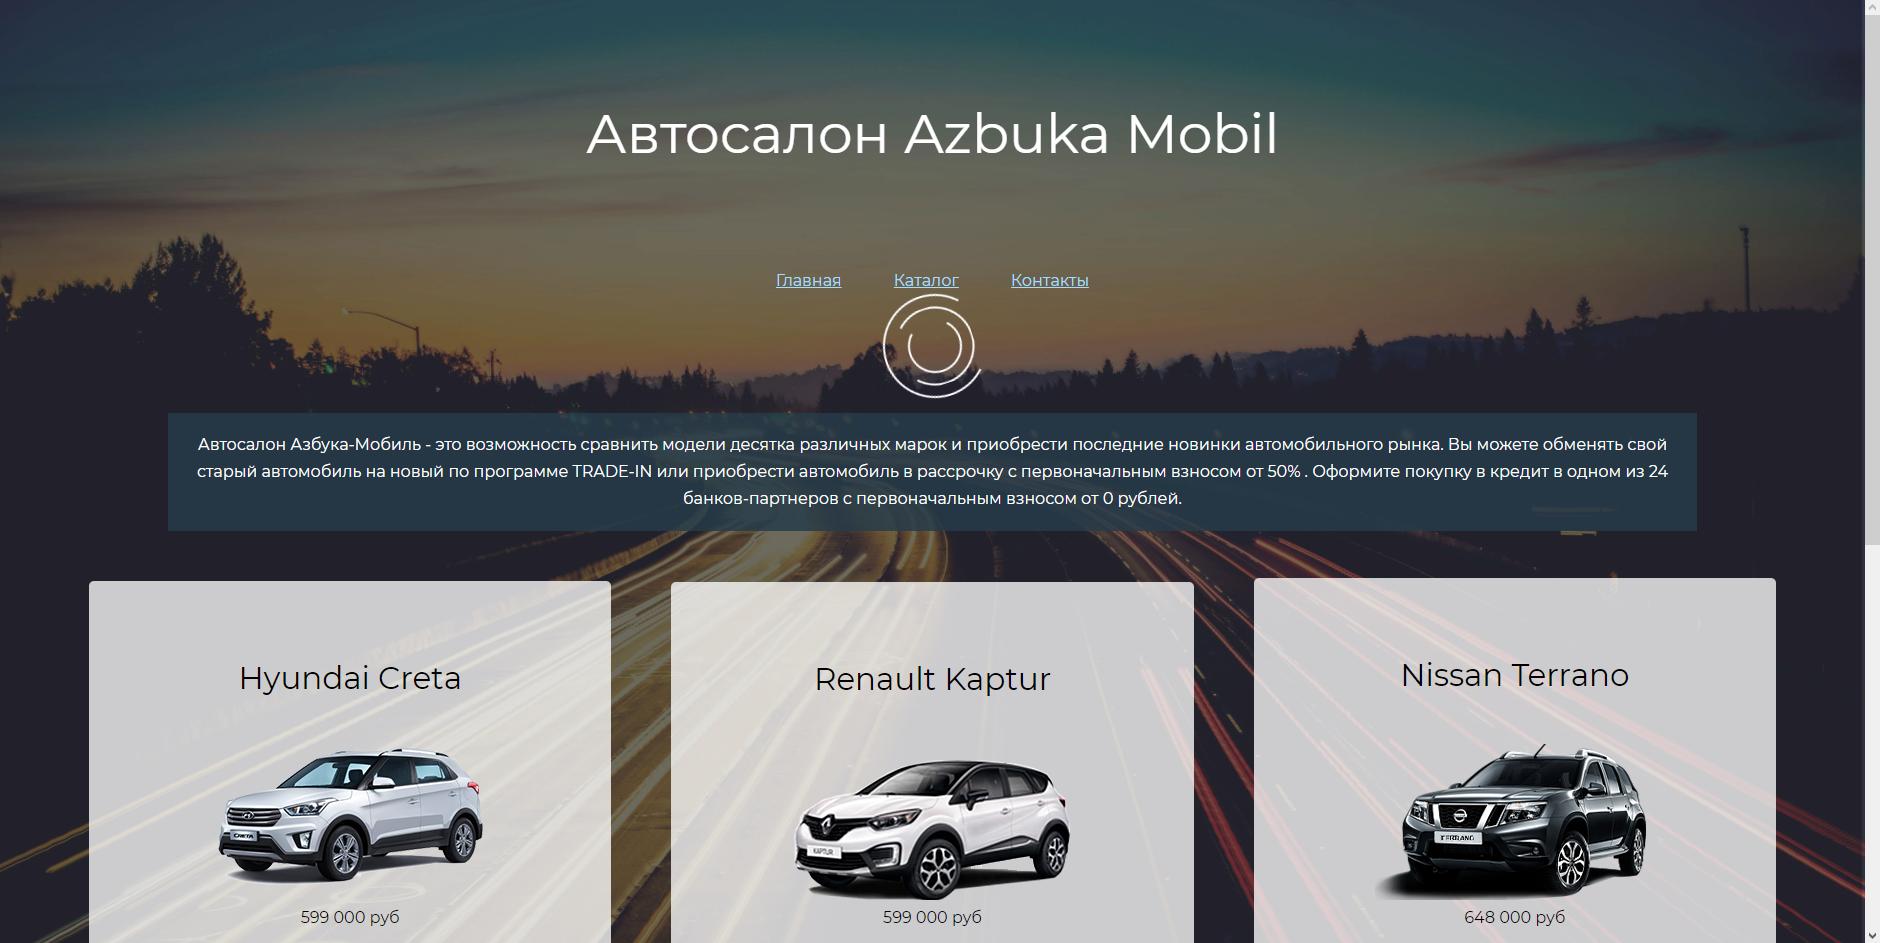 Официальный сайт Азбука-Мобиль www.azbuka-mobil.ru